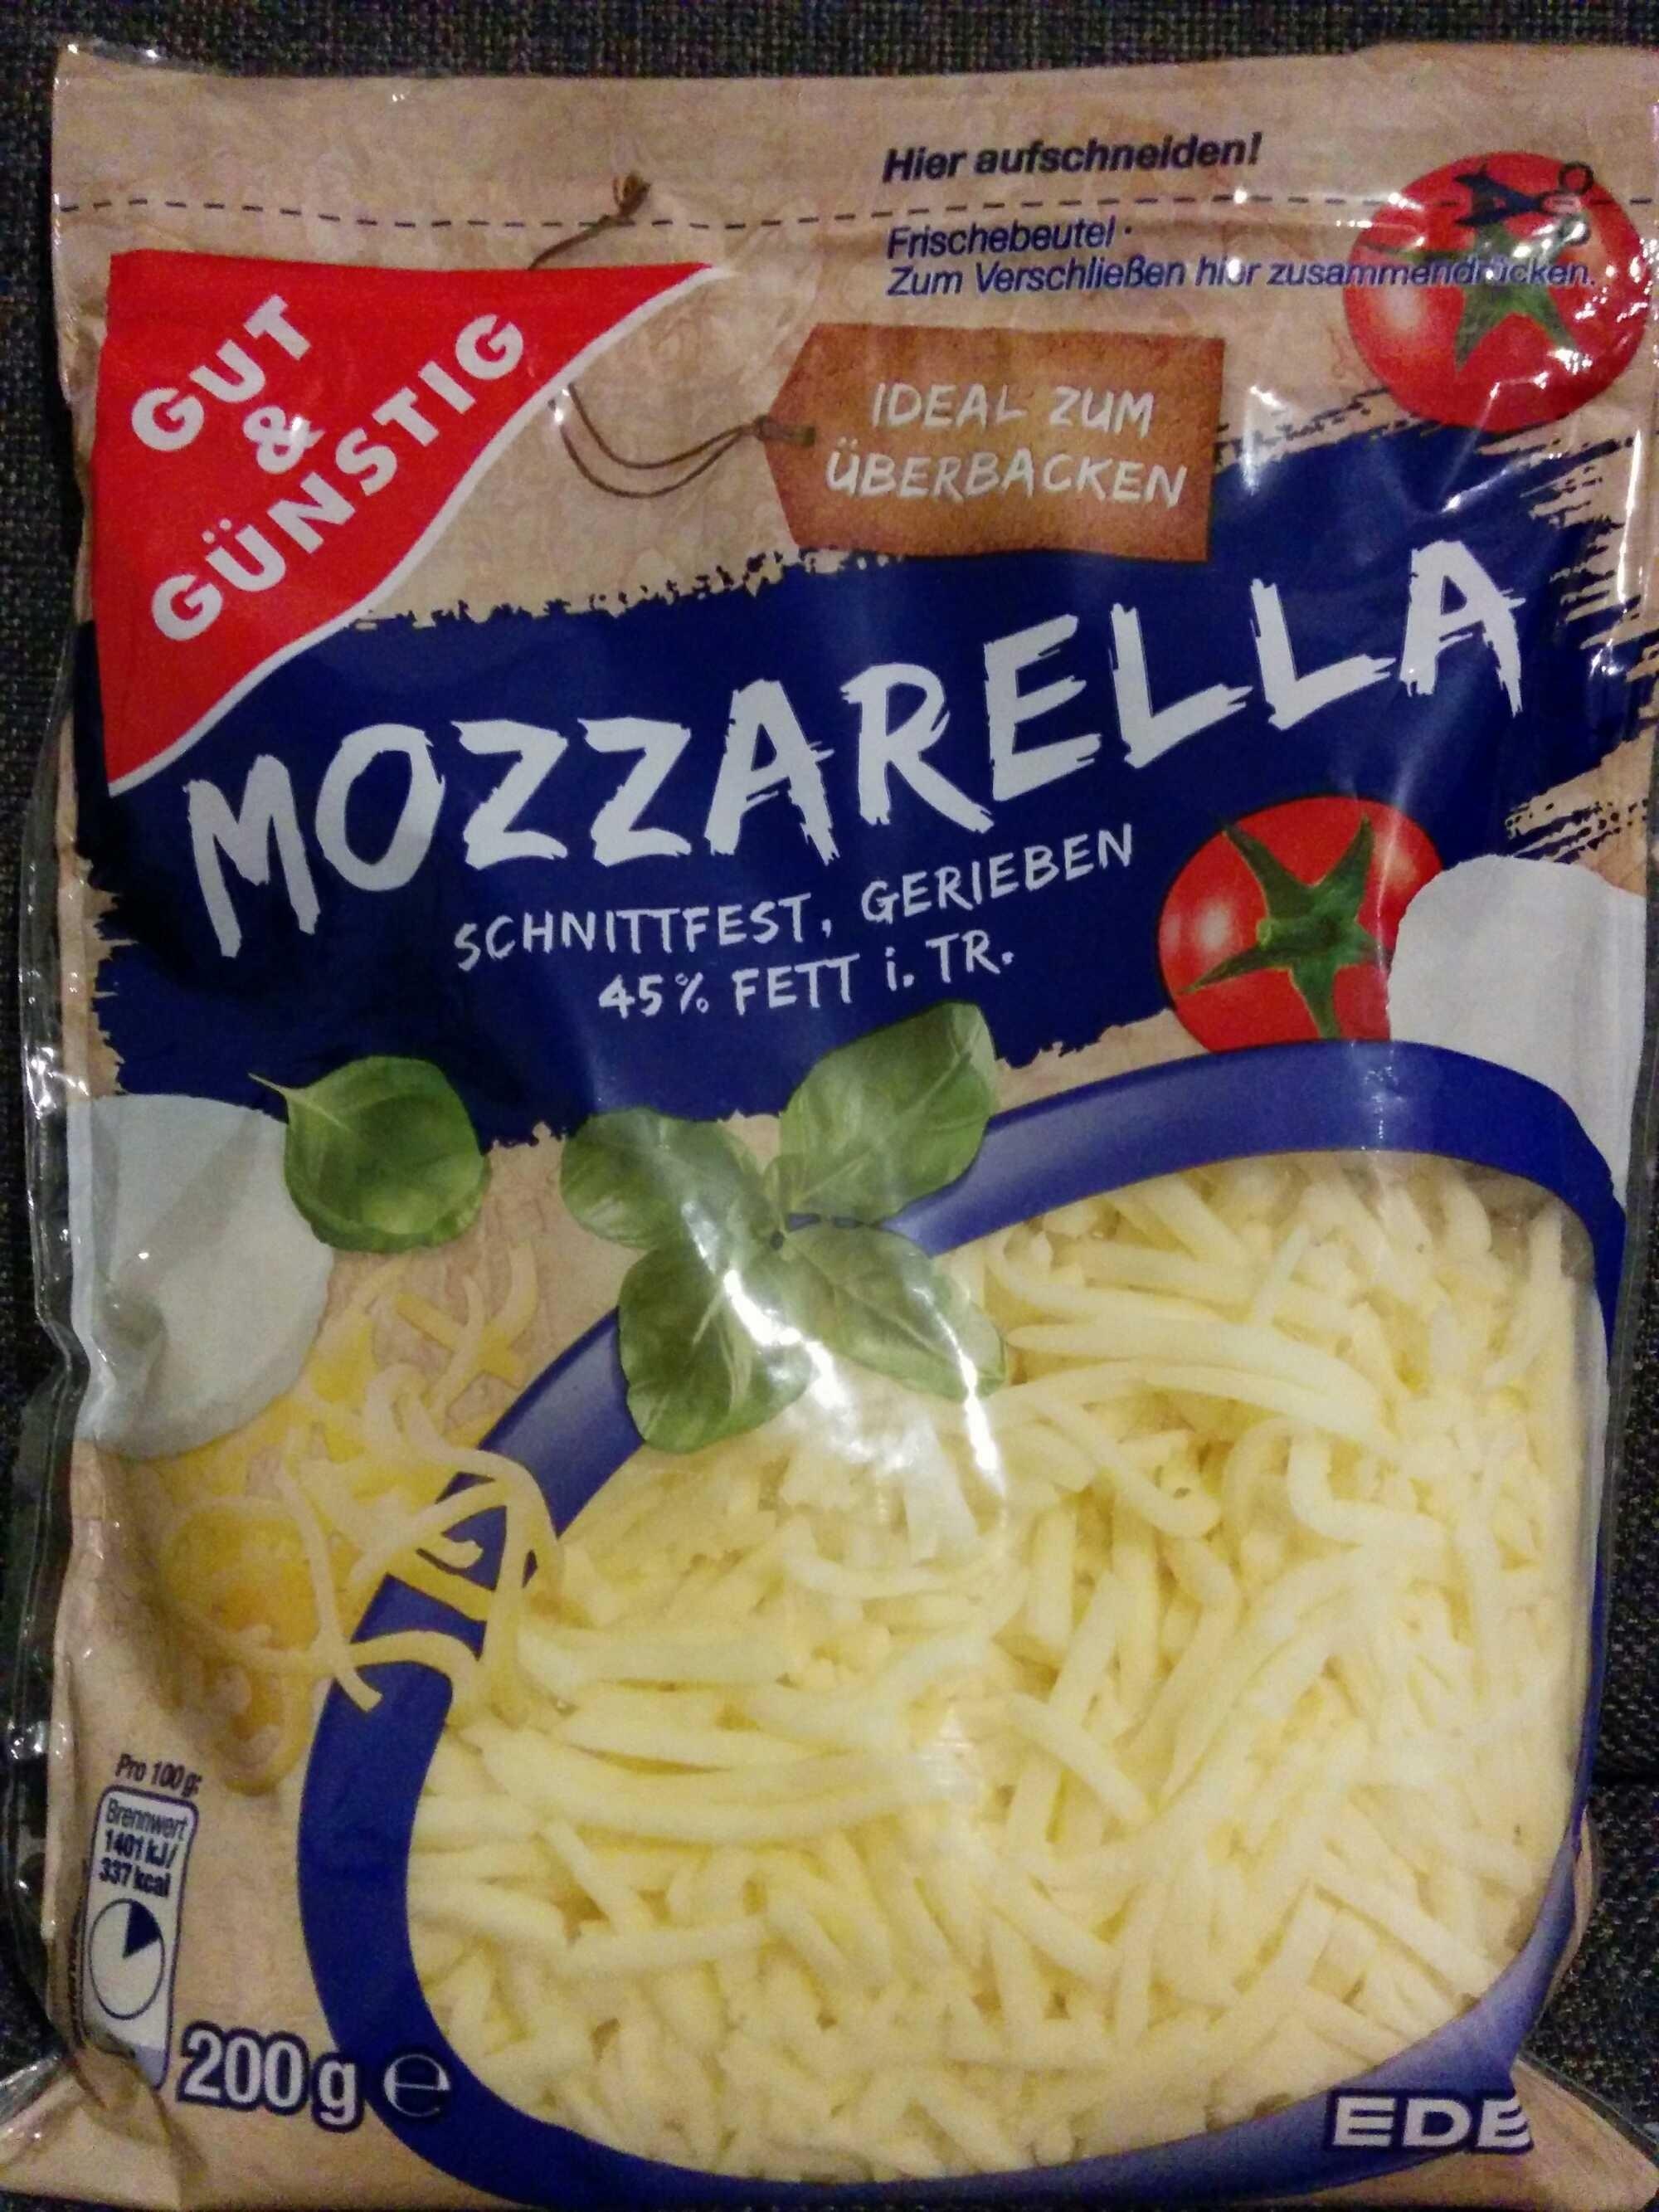 Mozzarella gerieben gut g nstig 200 g for Babyzimmer gut und gunstig